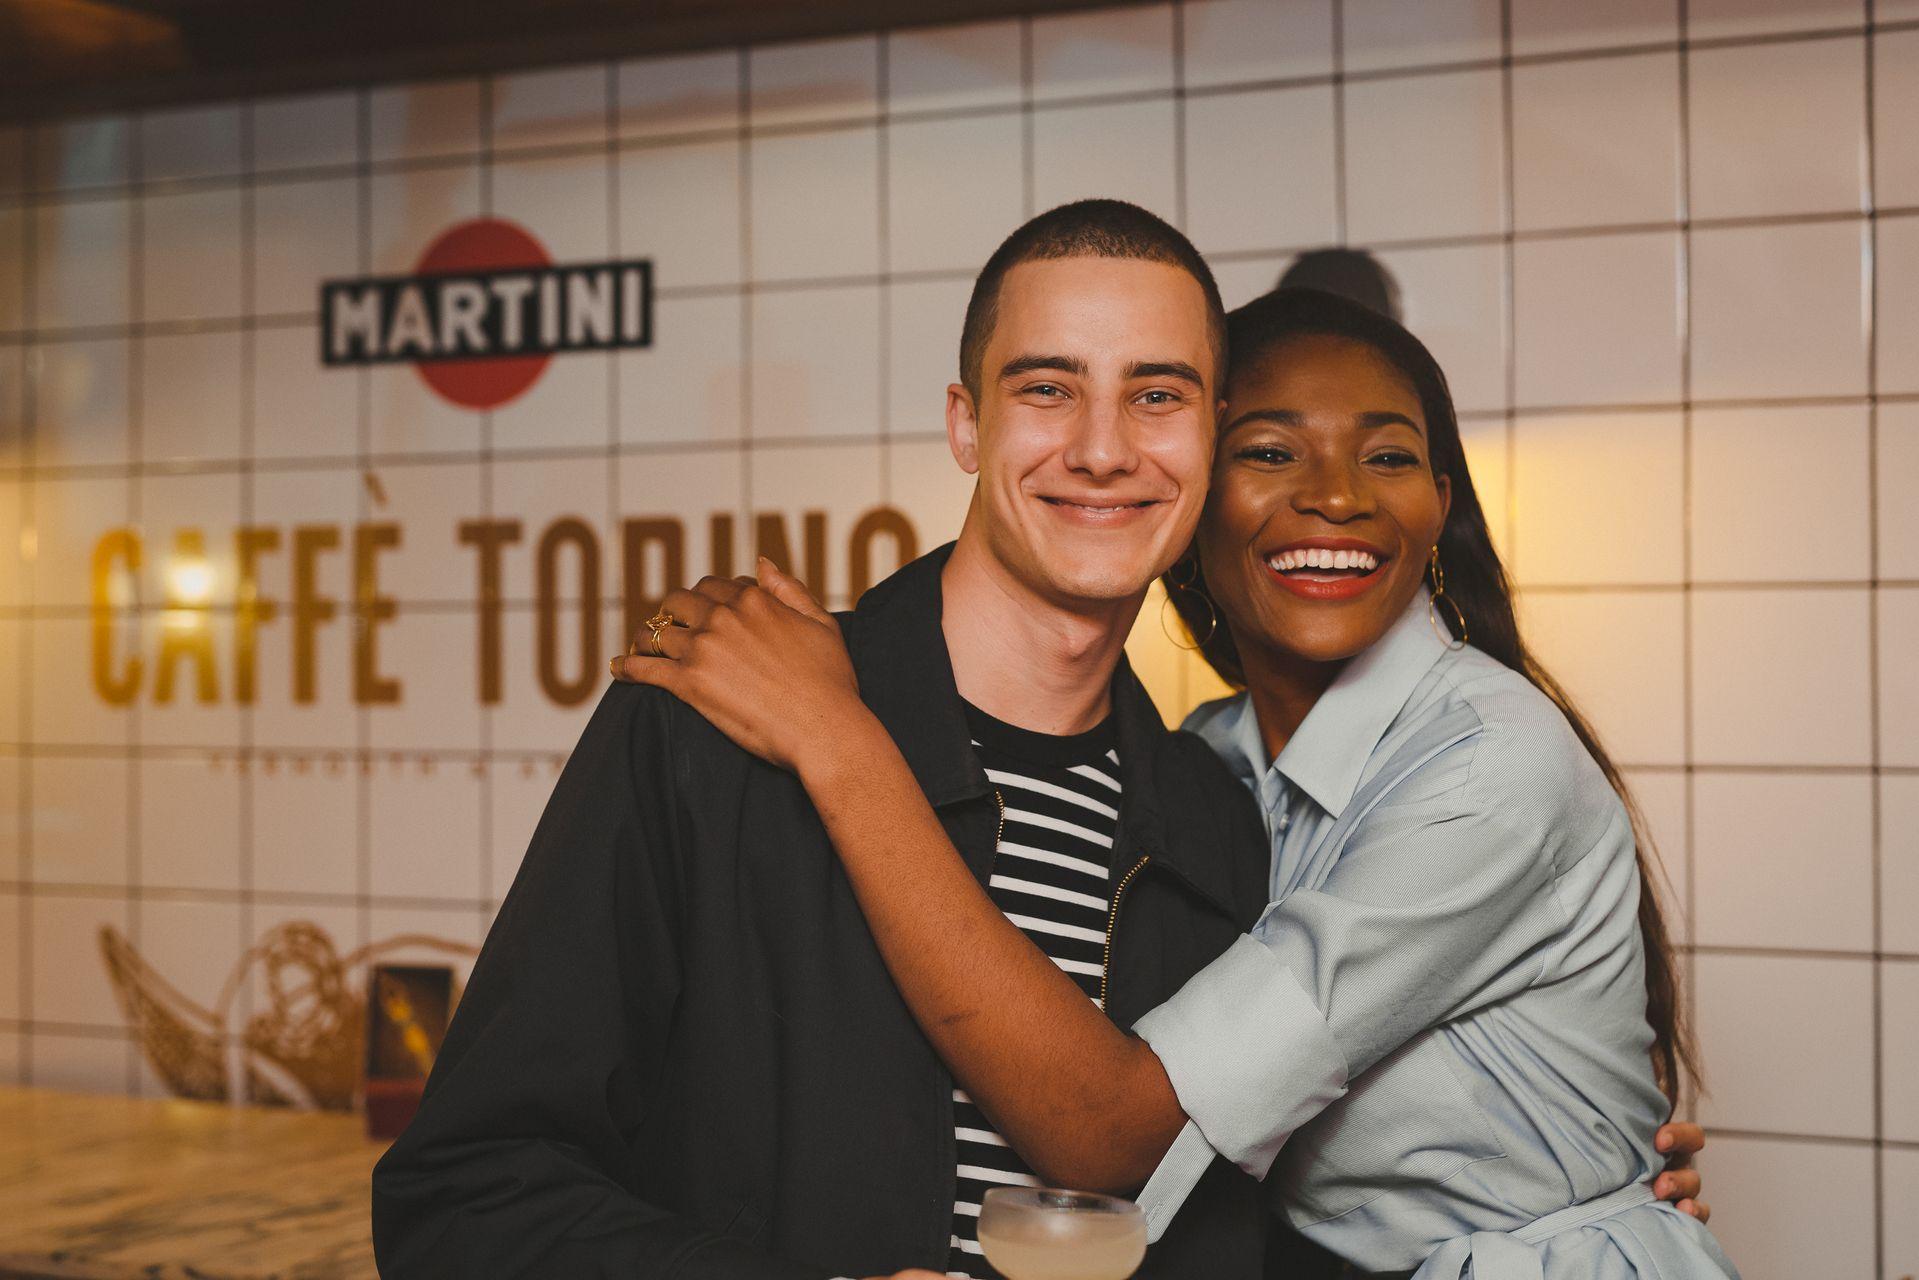 Gwiazdy na otwarciu Caffe Torino (ZDJĘCIA)